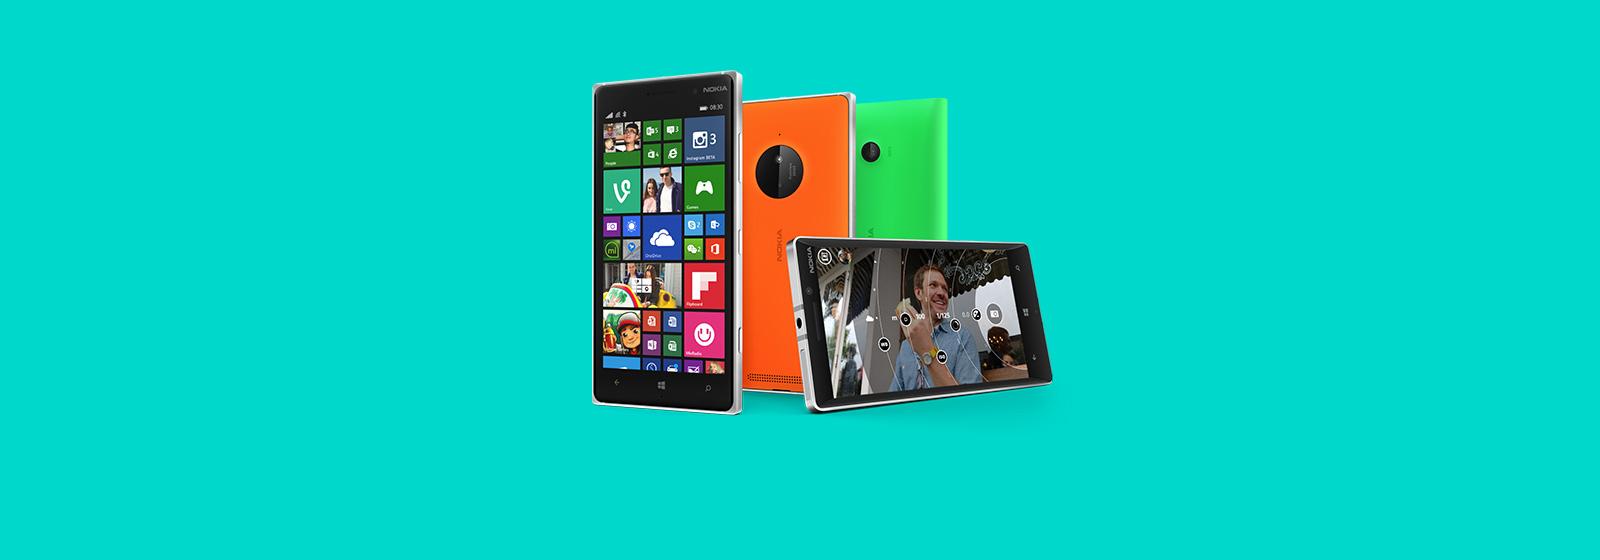 Paveiciet vairāk savā viedtālrunī. Uzziniet par Lumia ierīcēm.